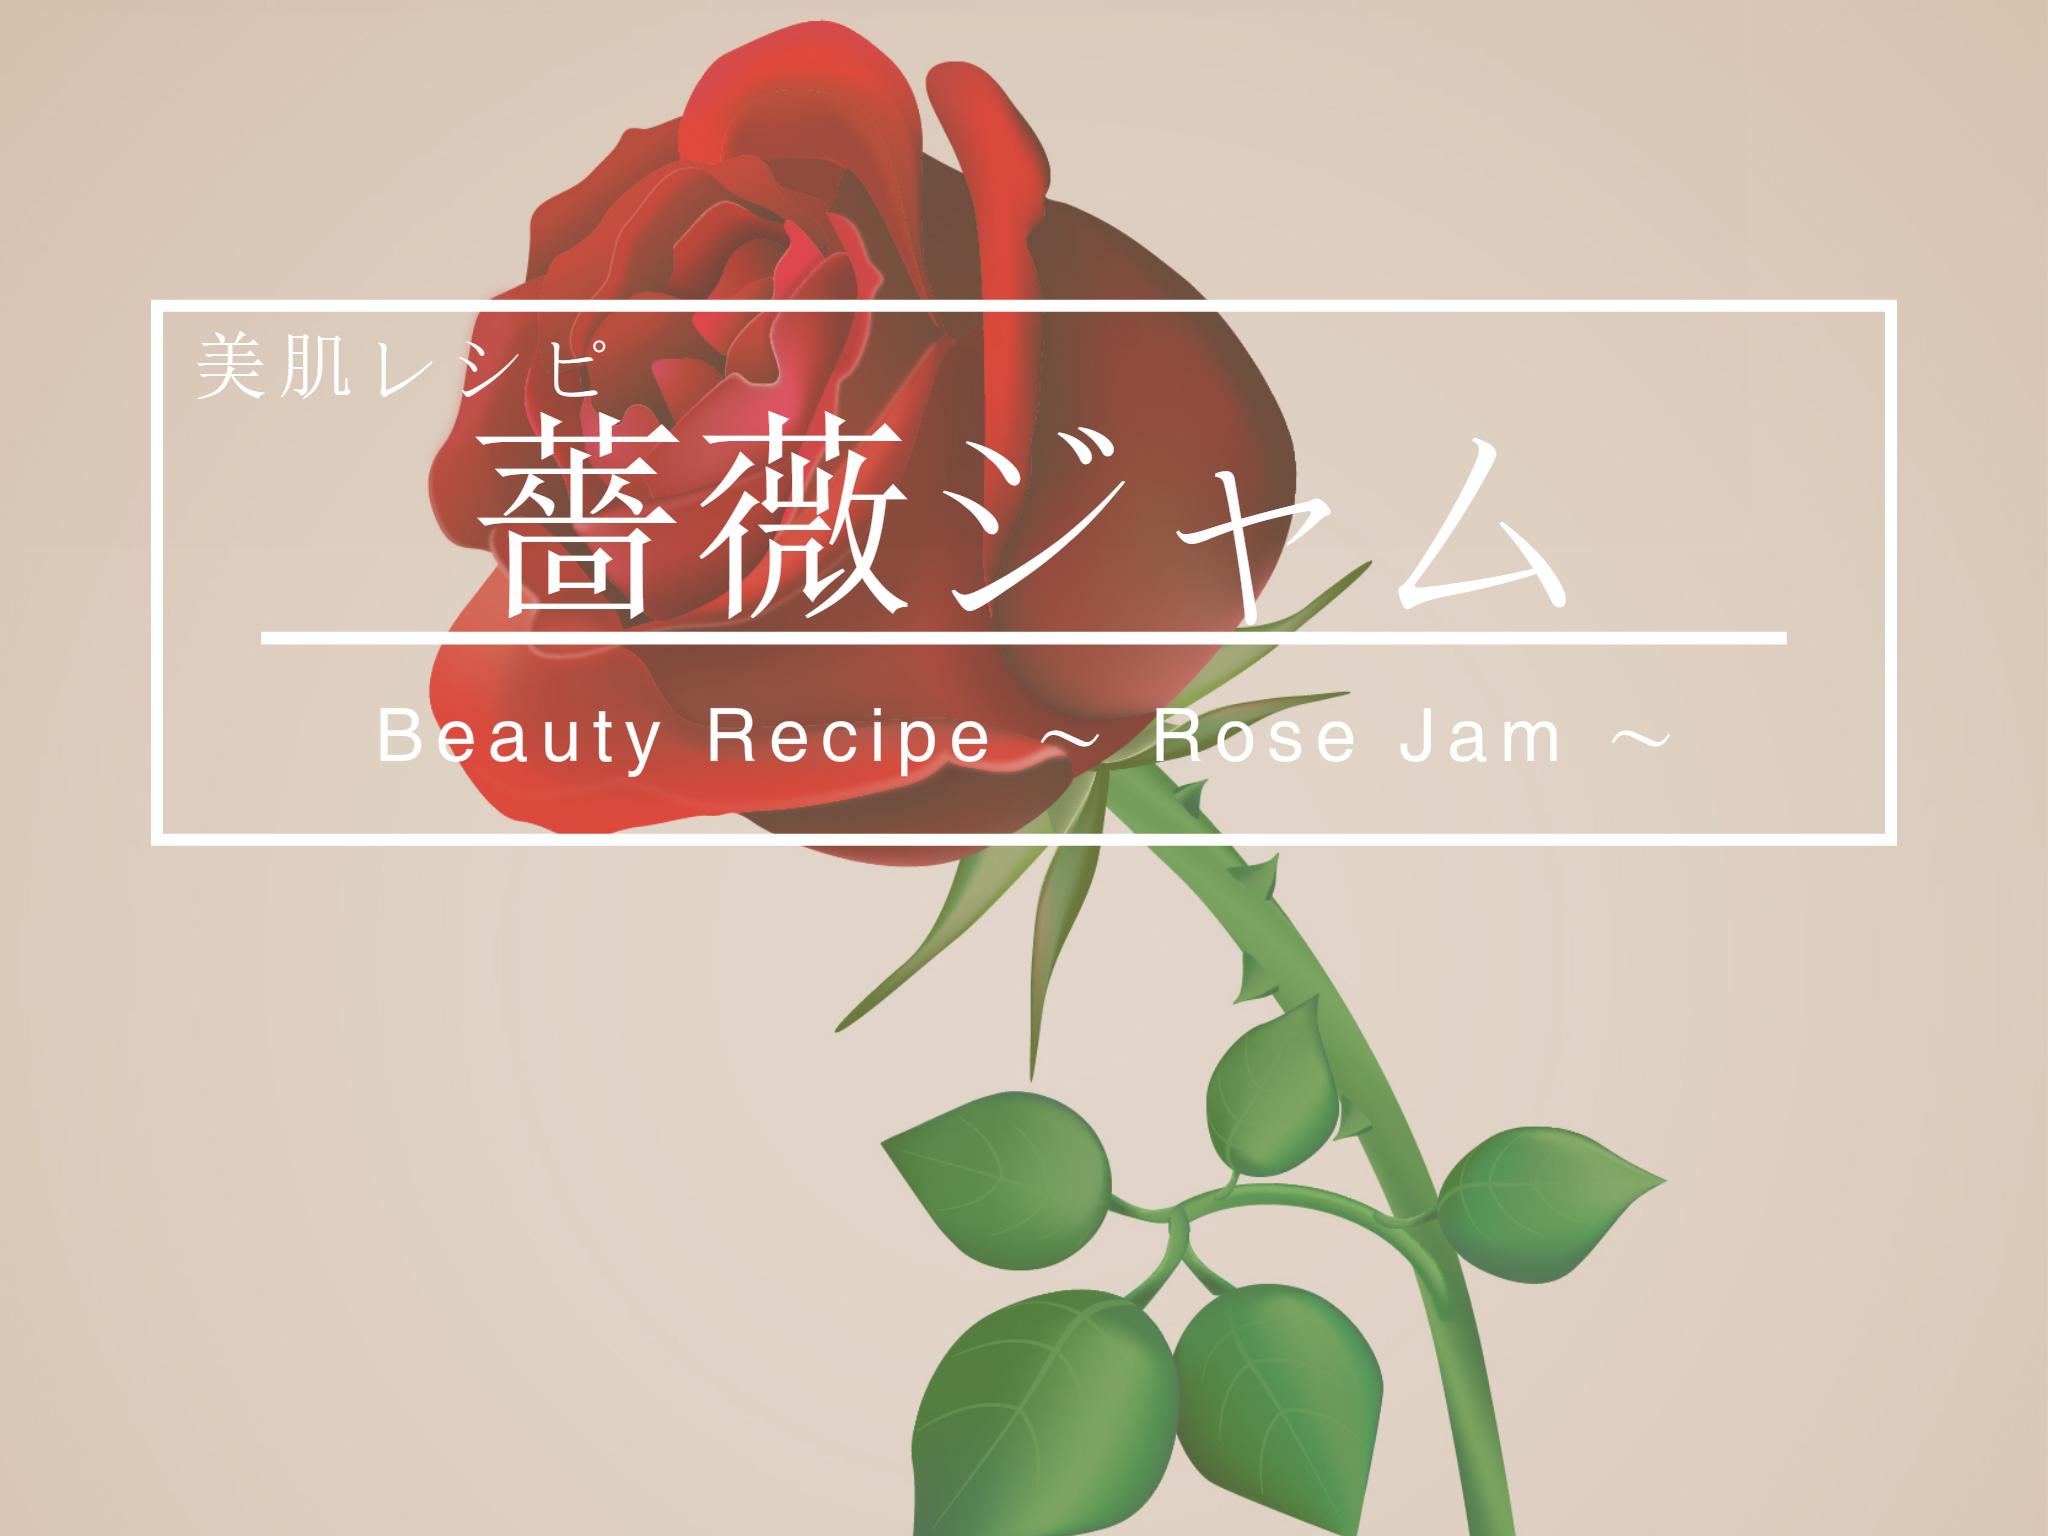 少量のバラで作るバラジャム美肌レシピ